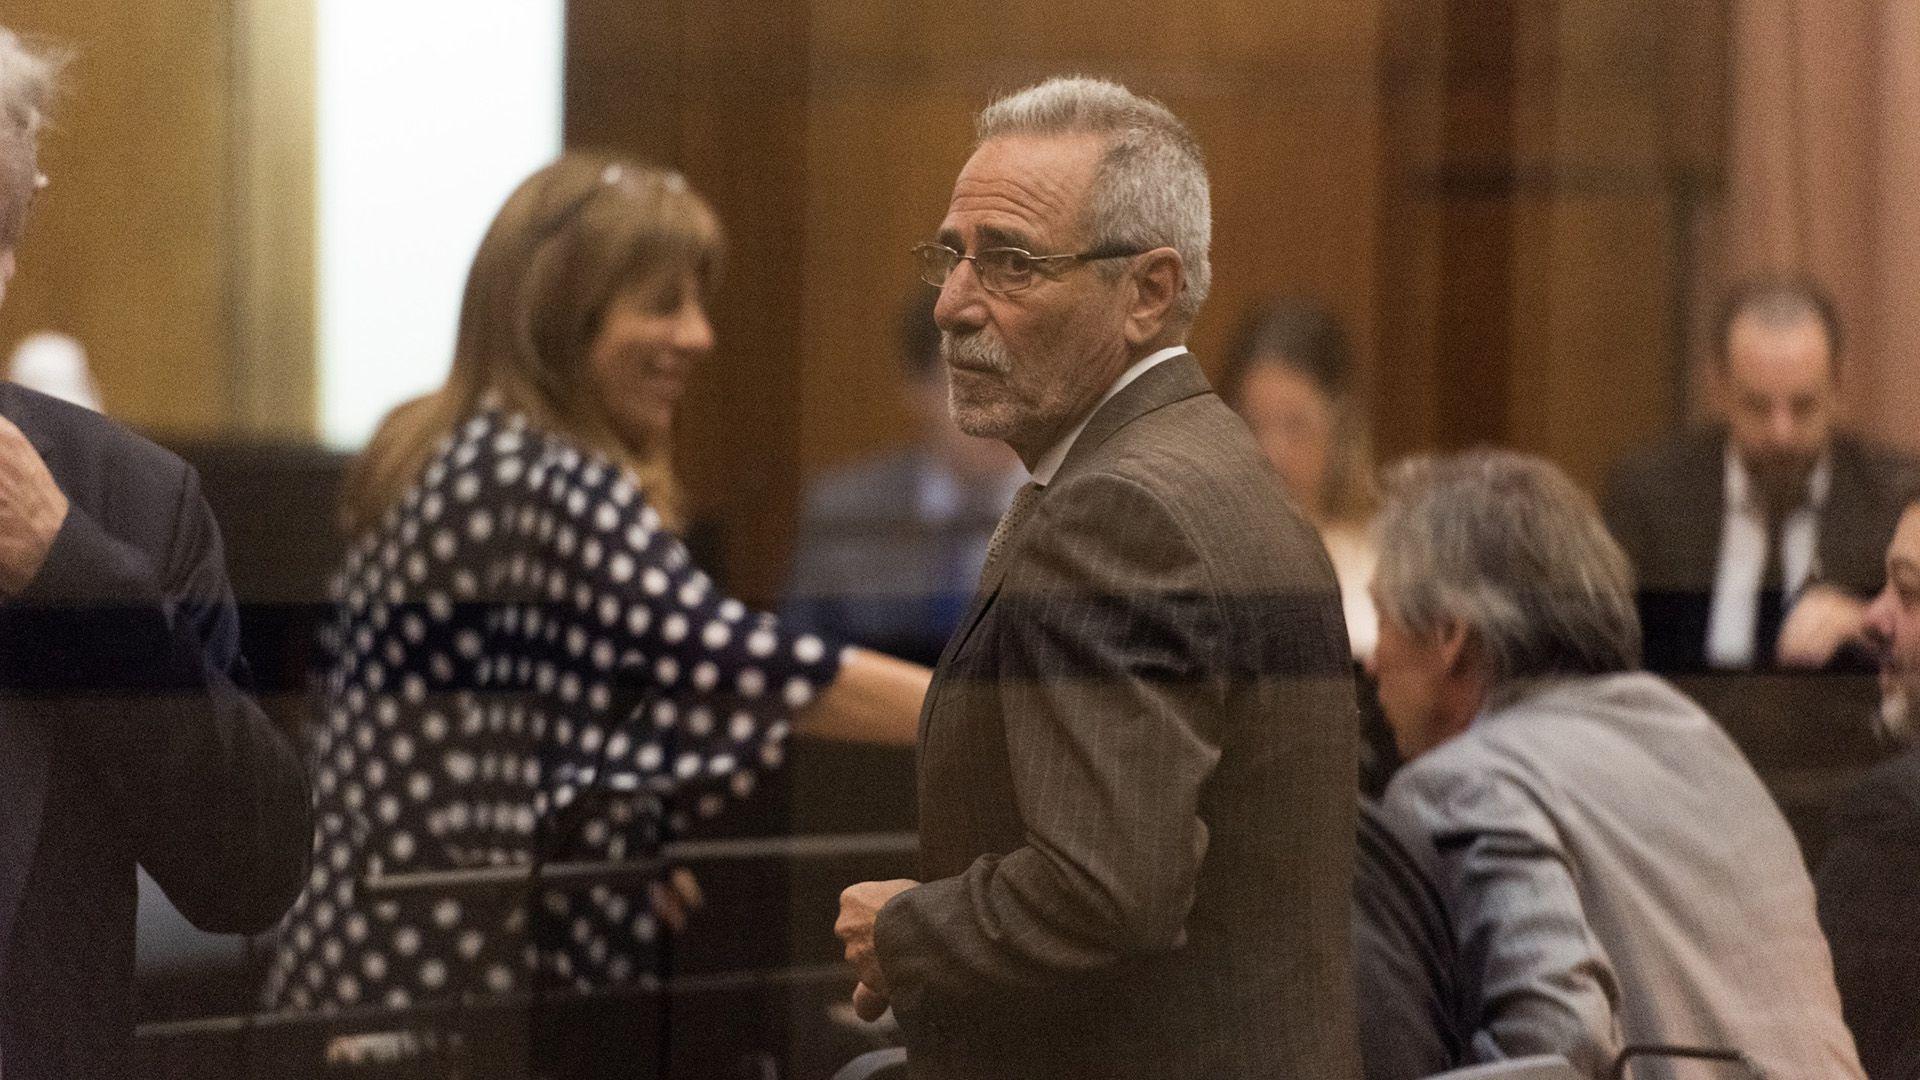 La fiscal Baigún, en segundo plano, detrás de Jaime, cuando comenzó el juicio por enriquecimiento ilícito.